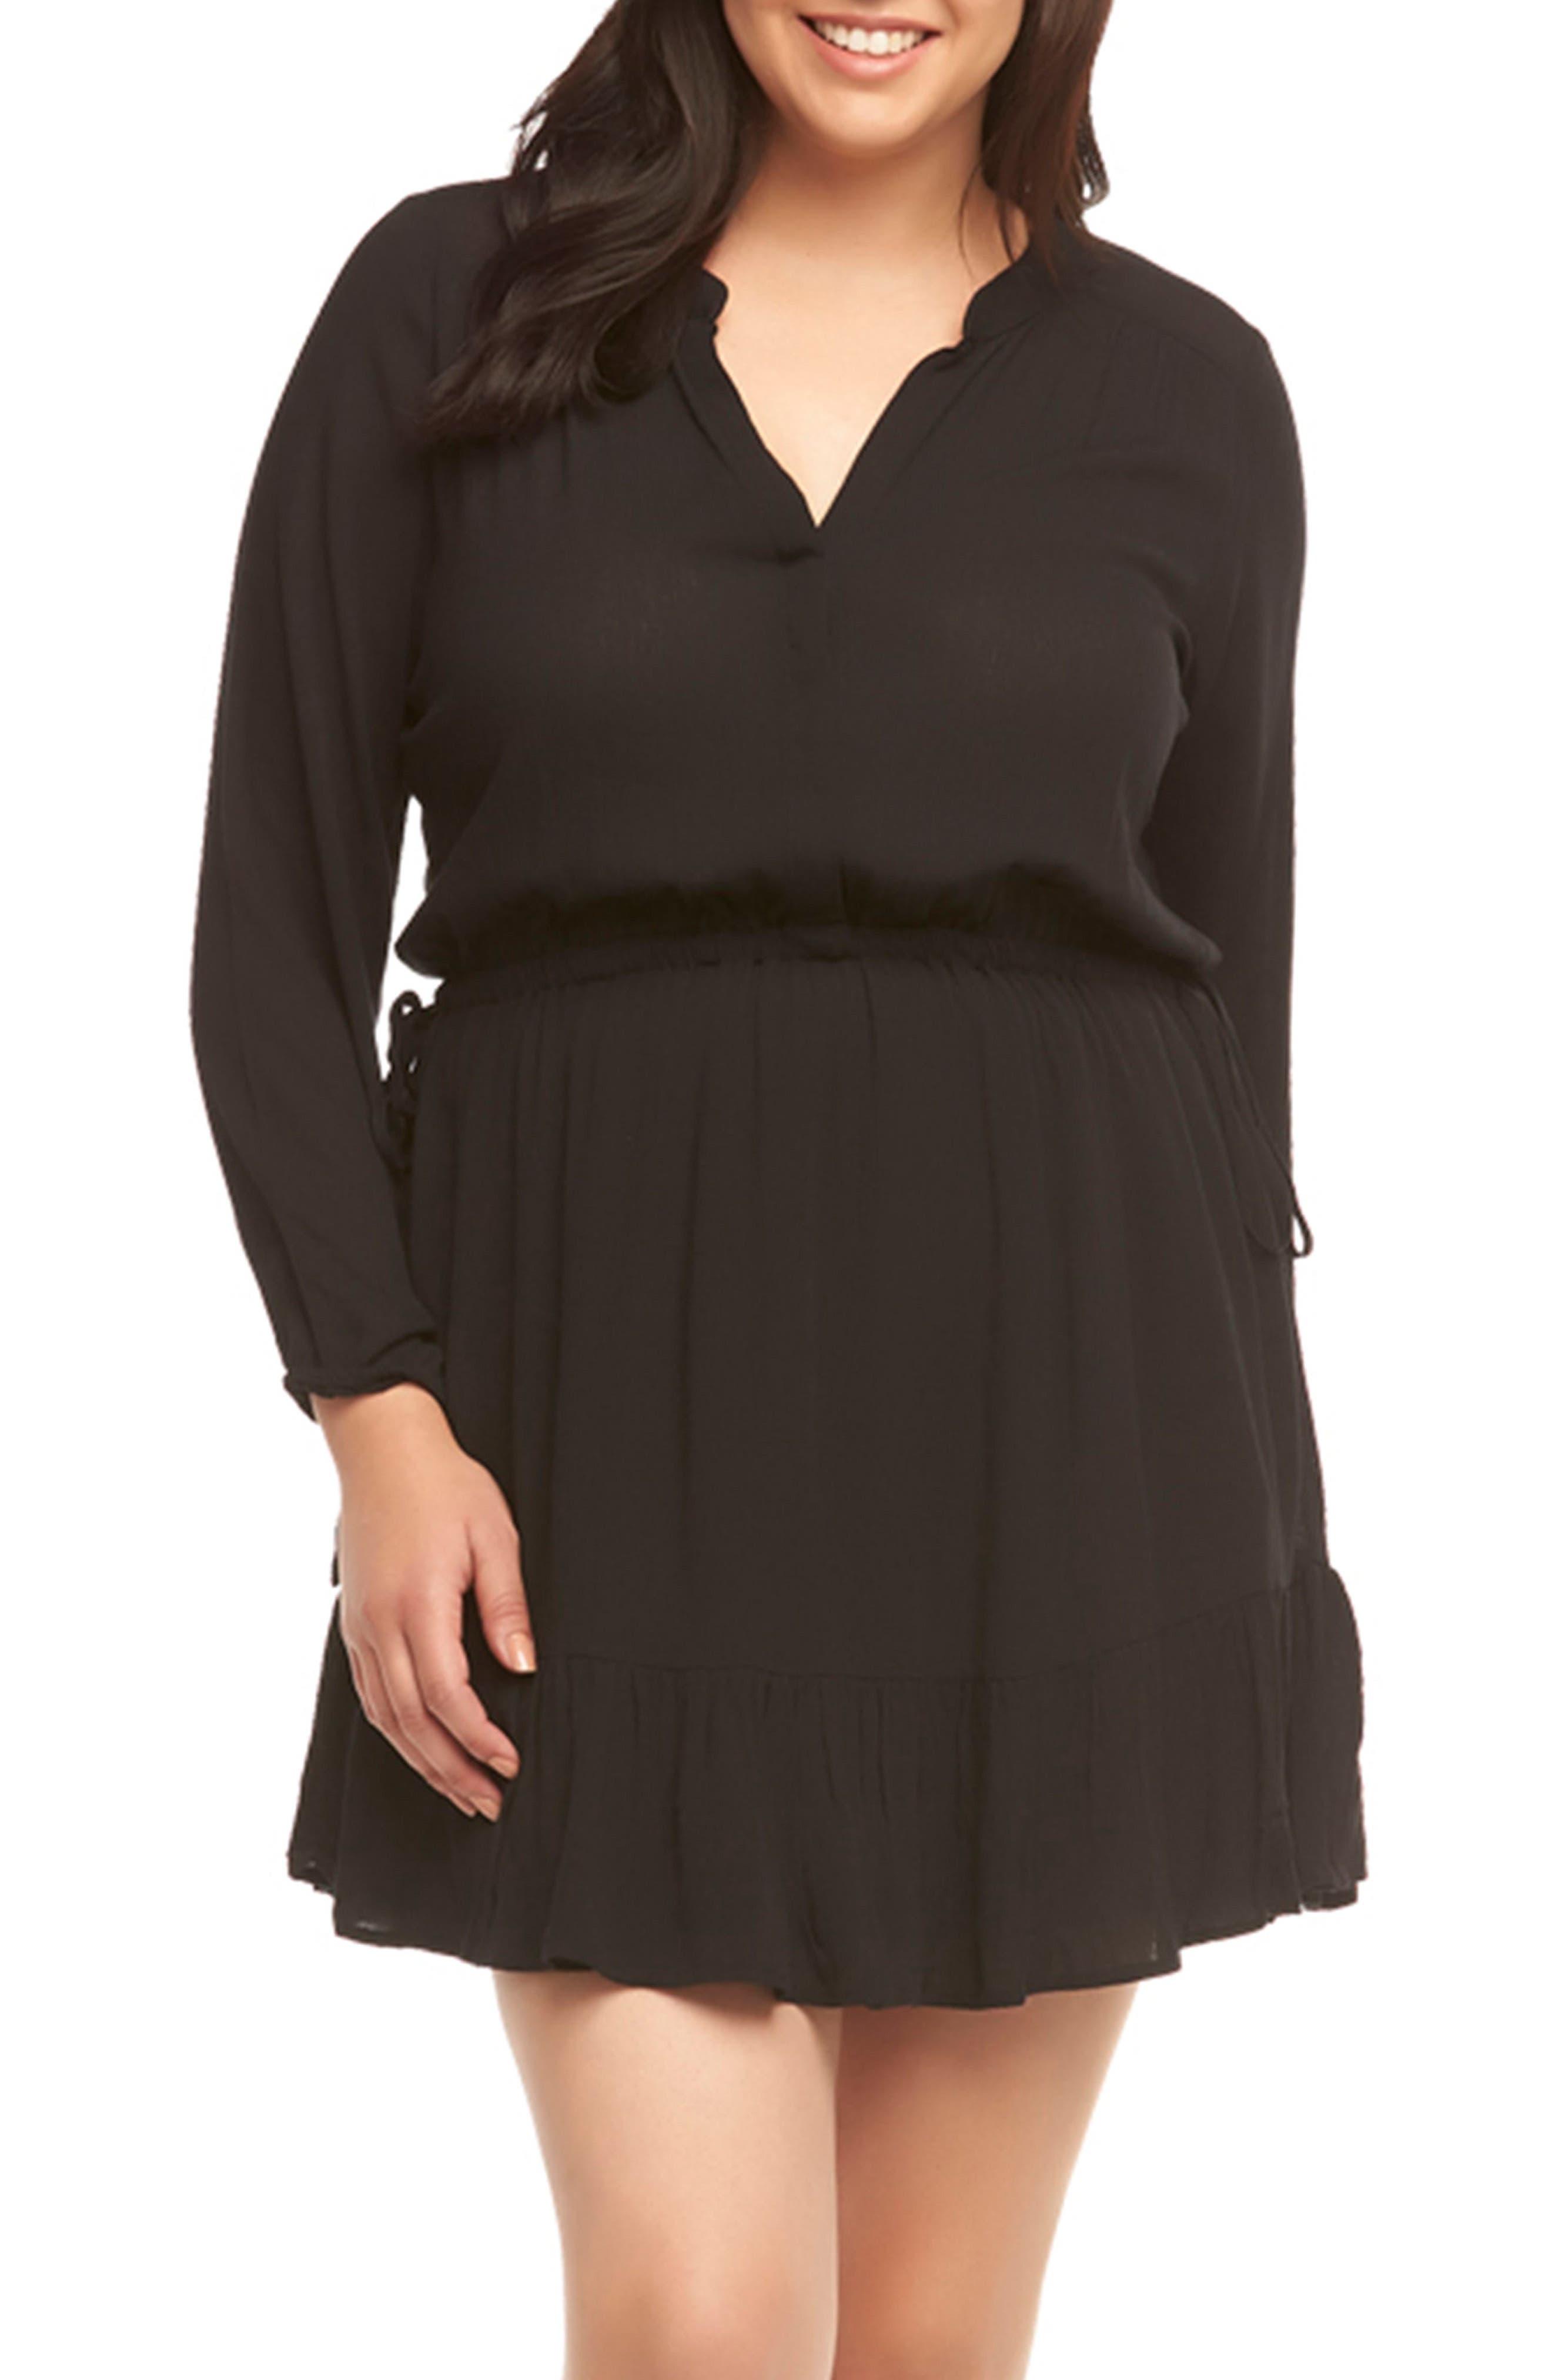 Alternate Image 1 Selected - Tart Sian Shirtdress (Plus Size)